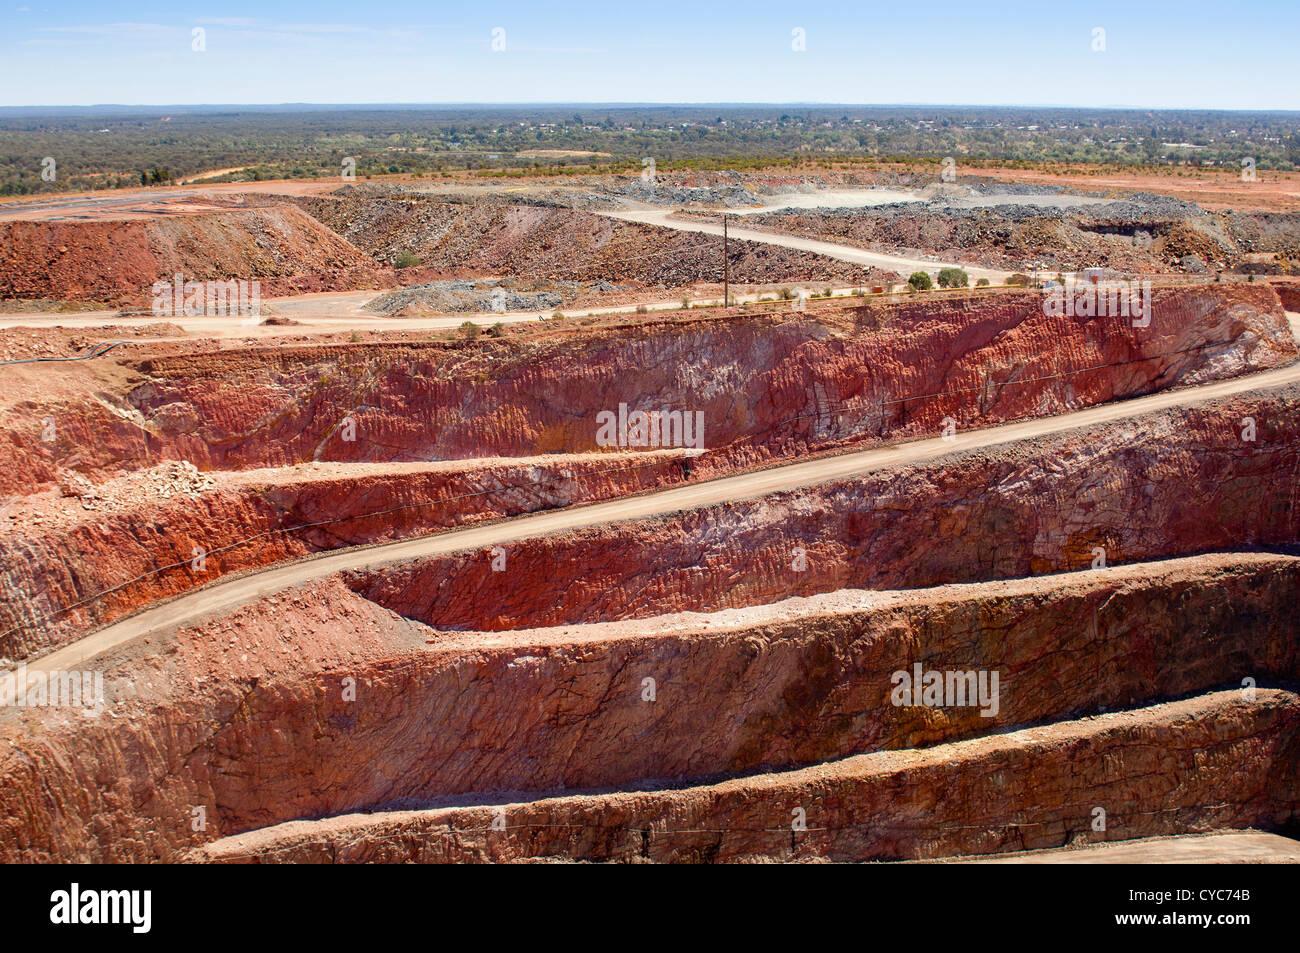 La minería en Australia en el sitio de la mina Cobar Imagen De Stock